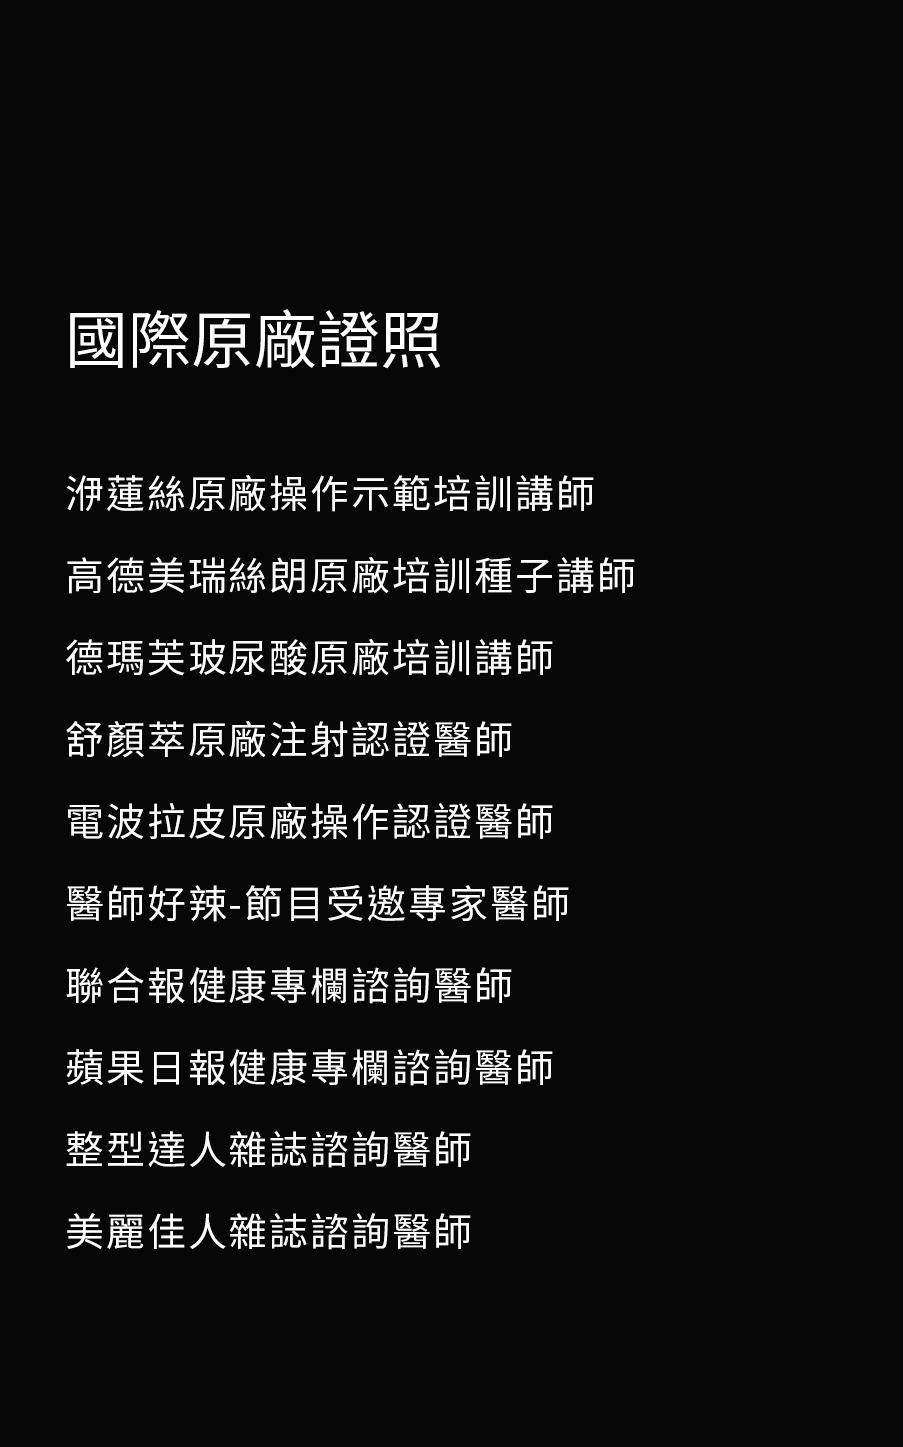 陳振豐-03